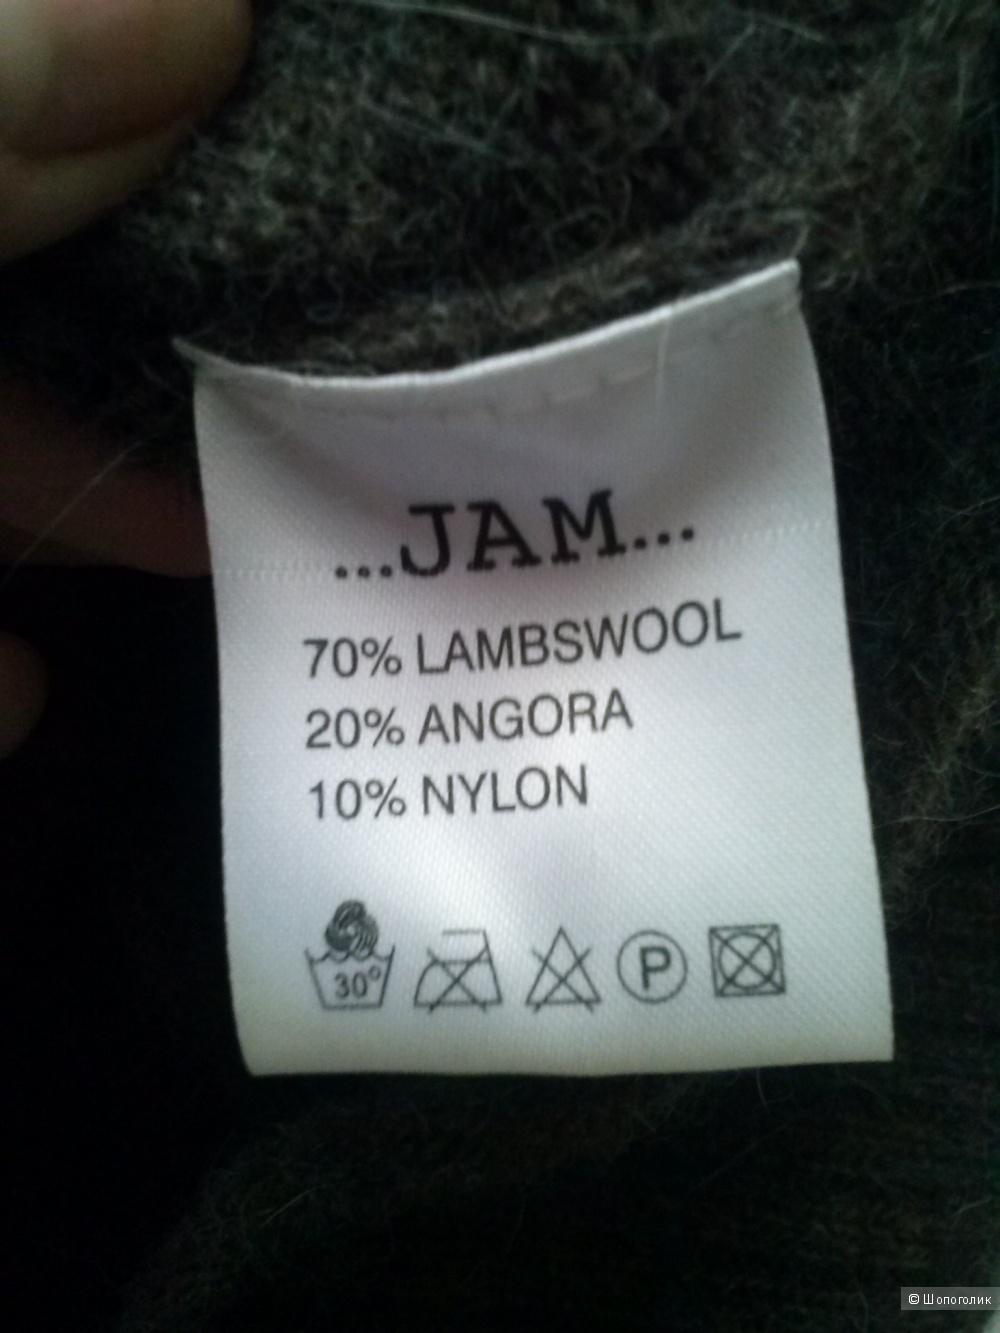 Jam коричневый шерстяной свитер. (70%шерсть, 20%ангора10%,нейлон) Новый.